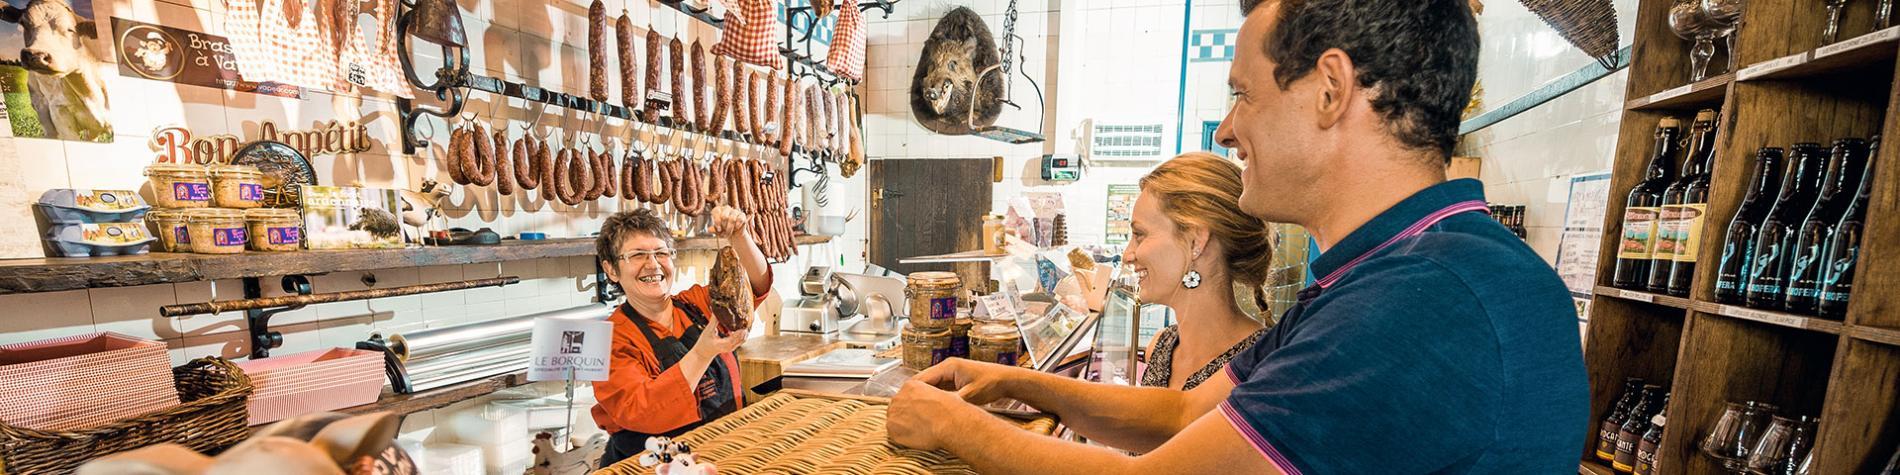 Saint-hubert - La table des Champions - boucherie - charcuterie